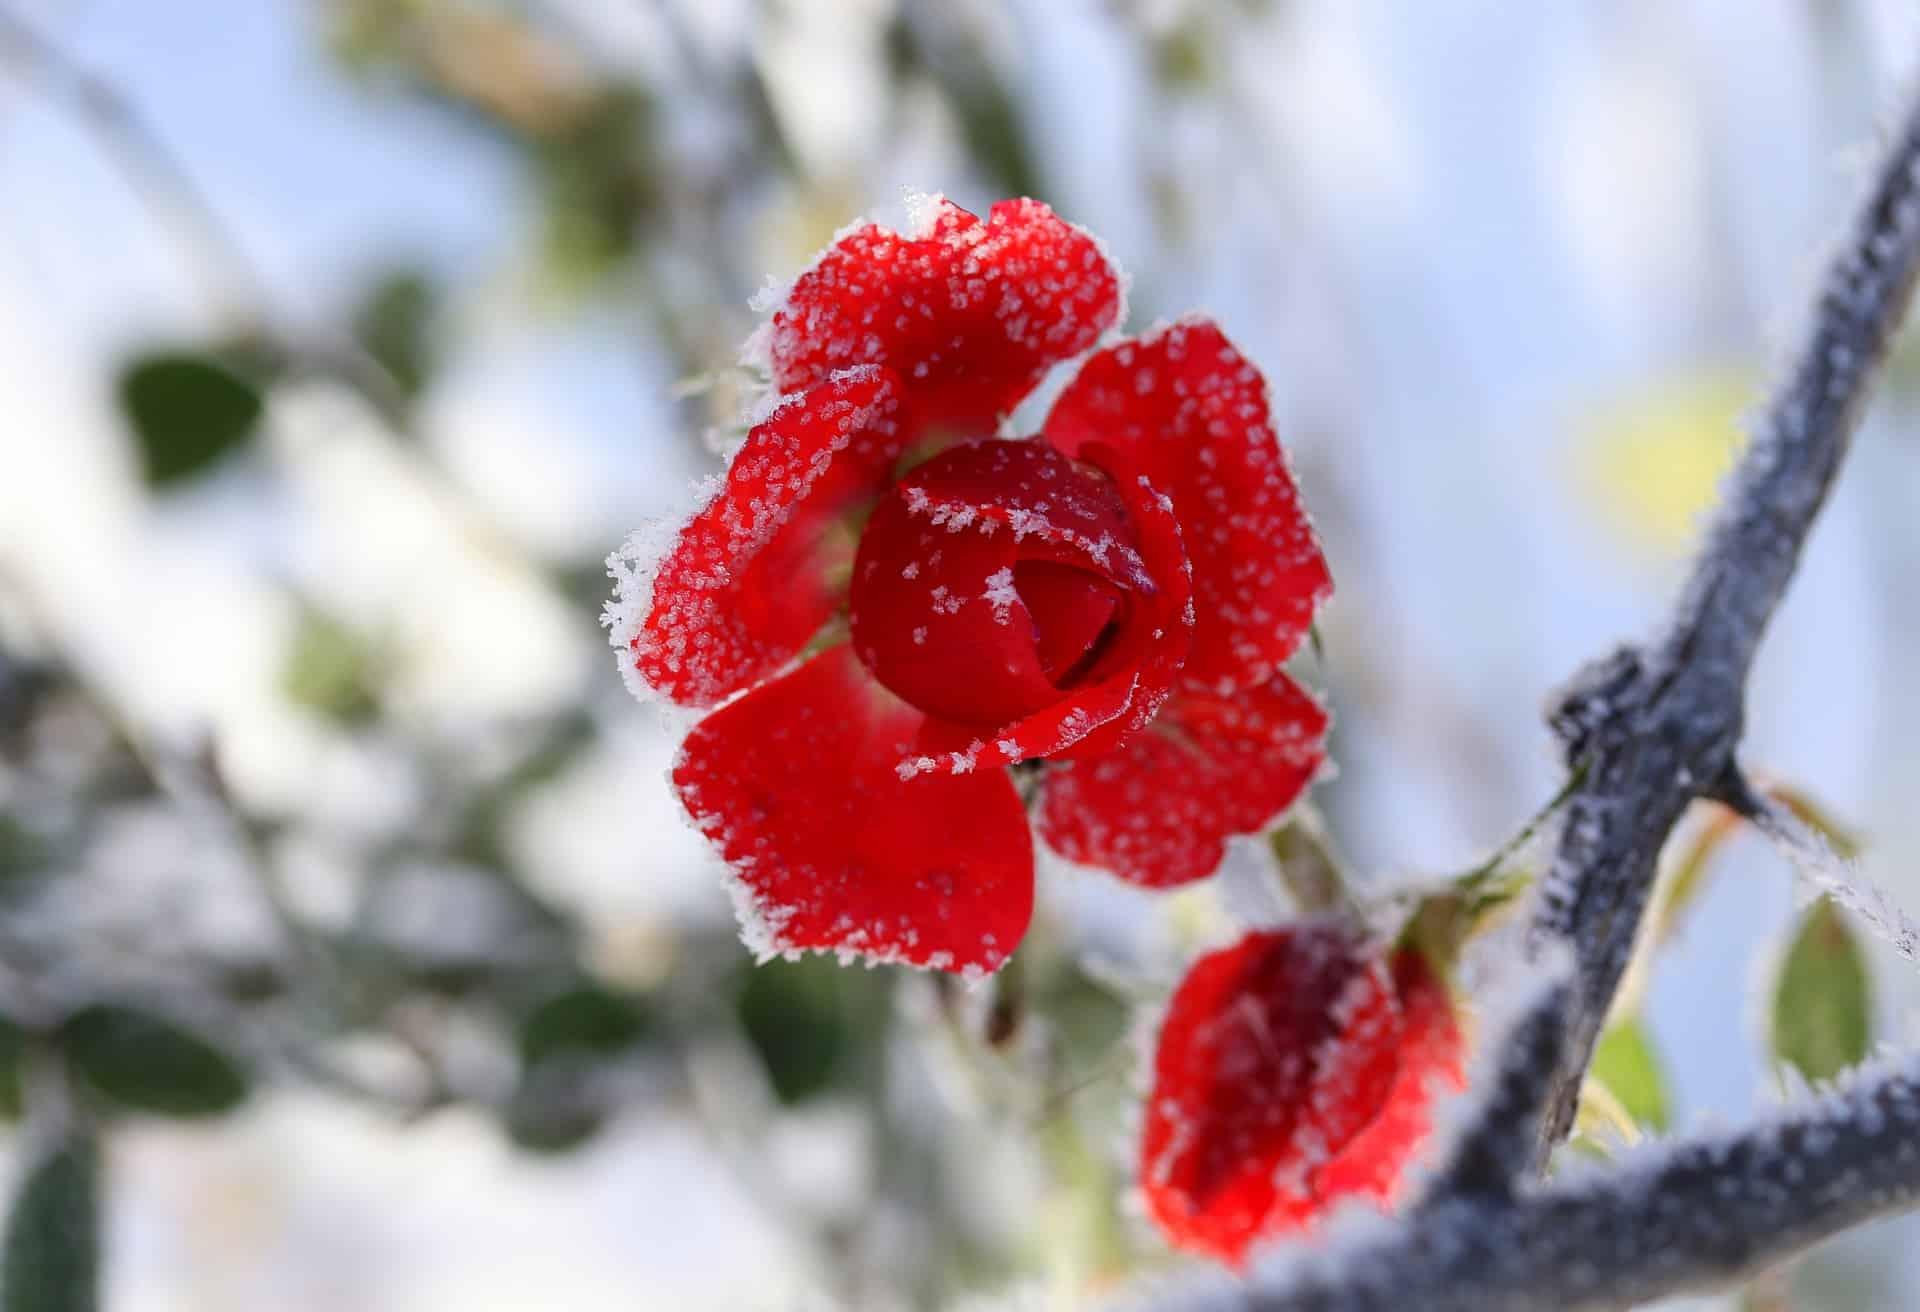 Τι γιορτή είναι σήμερα Πέμπτη 14 Ιανουαρίου Ποιοι γιορτάζουν 14/1 Εορτολόγιο - Ο Καιρός σε Αθήνα, Θεσσαλονίκη, υπόλοιπή Ελλάδα